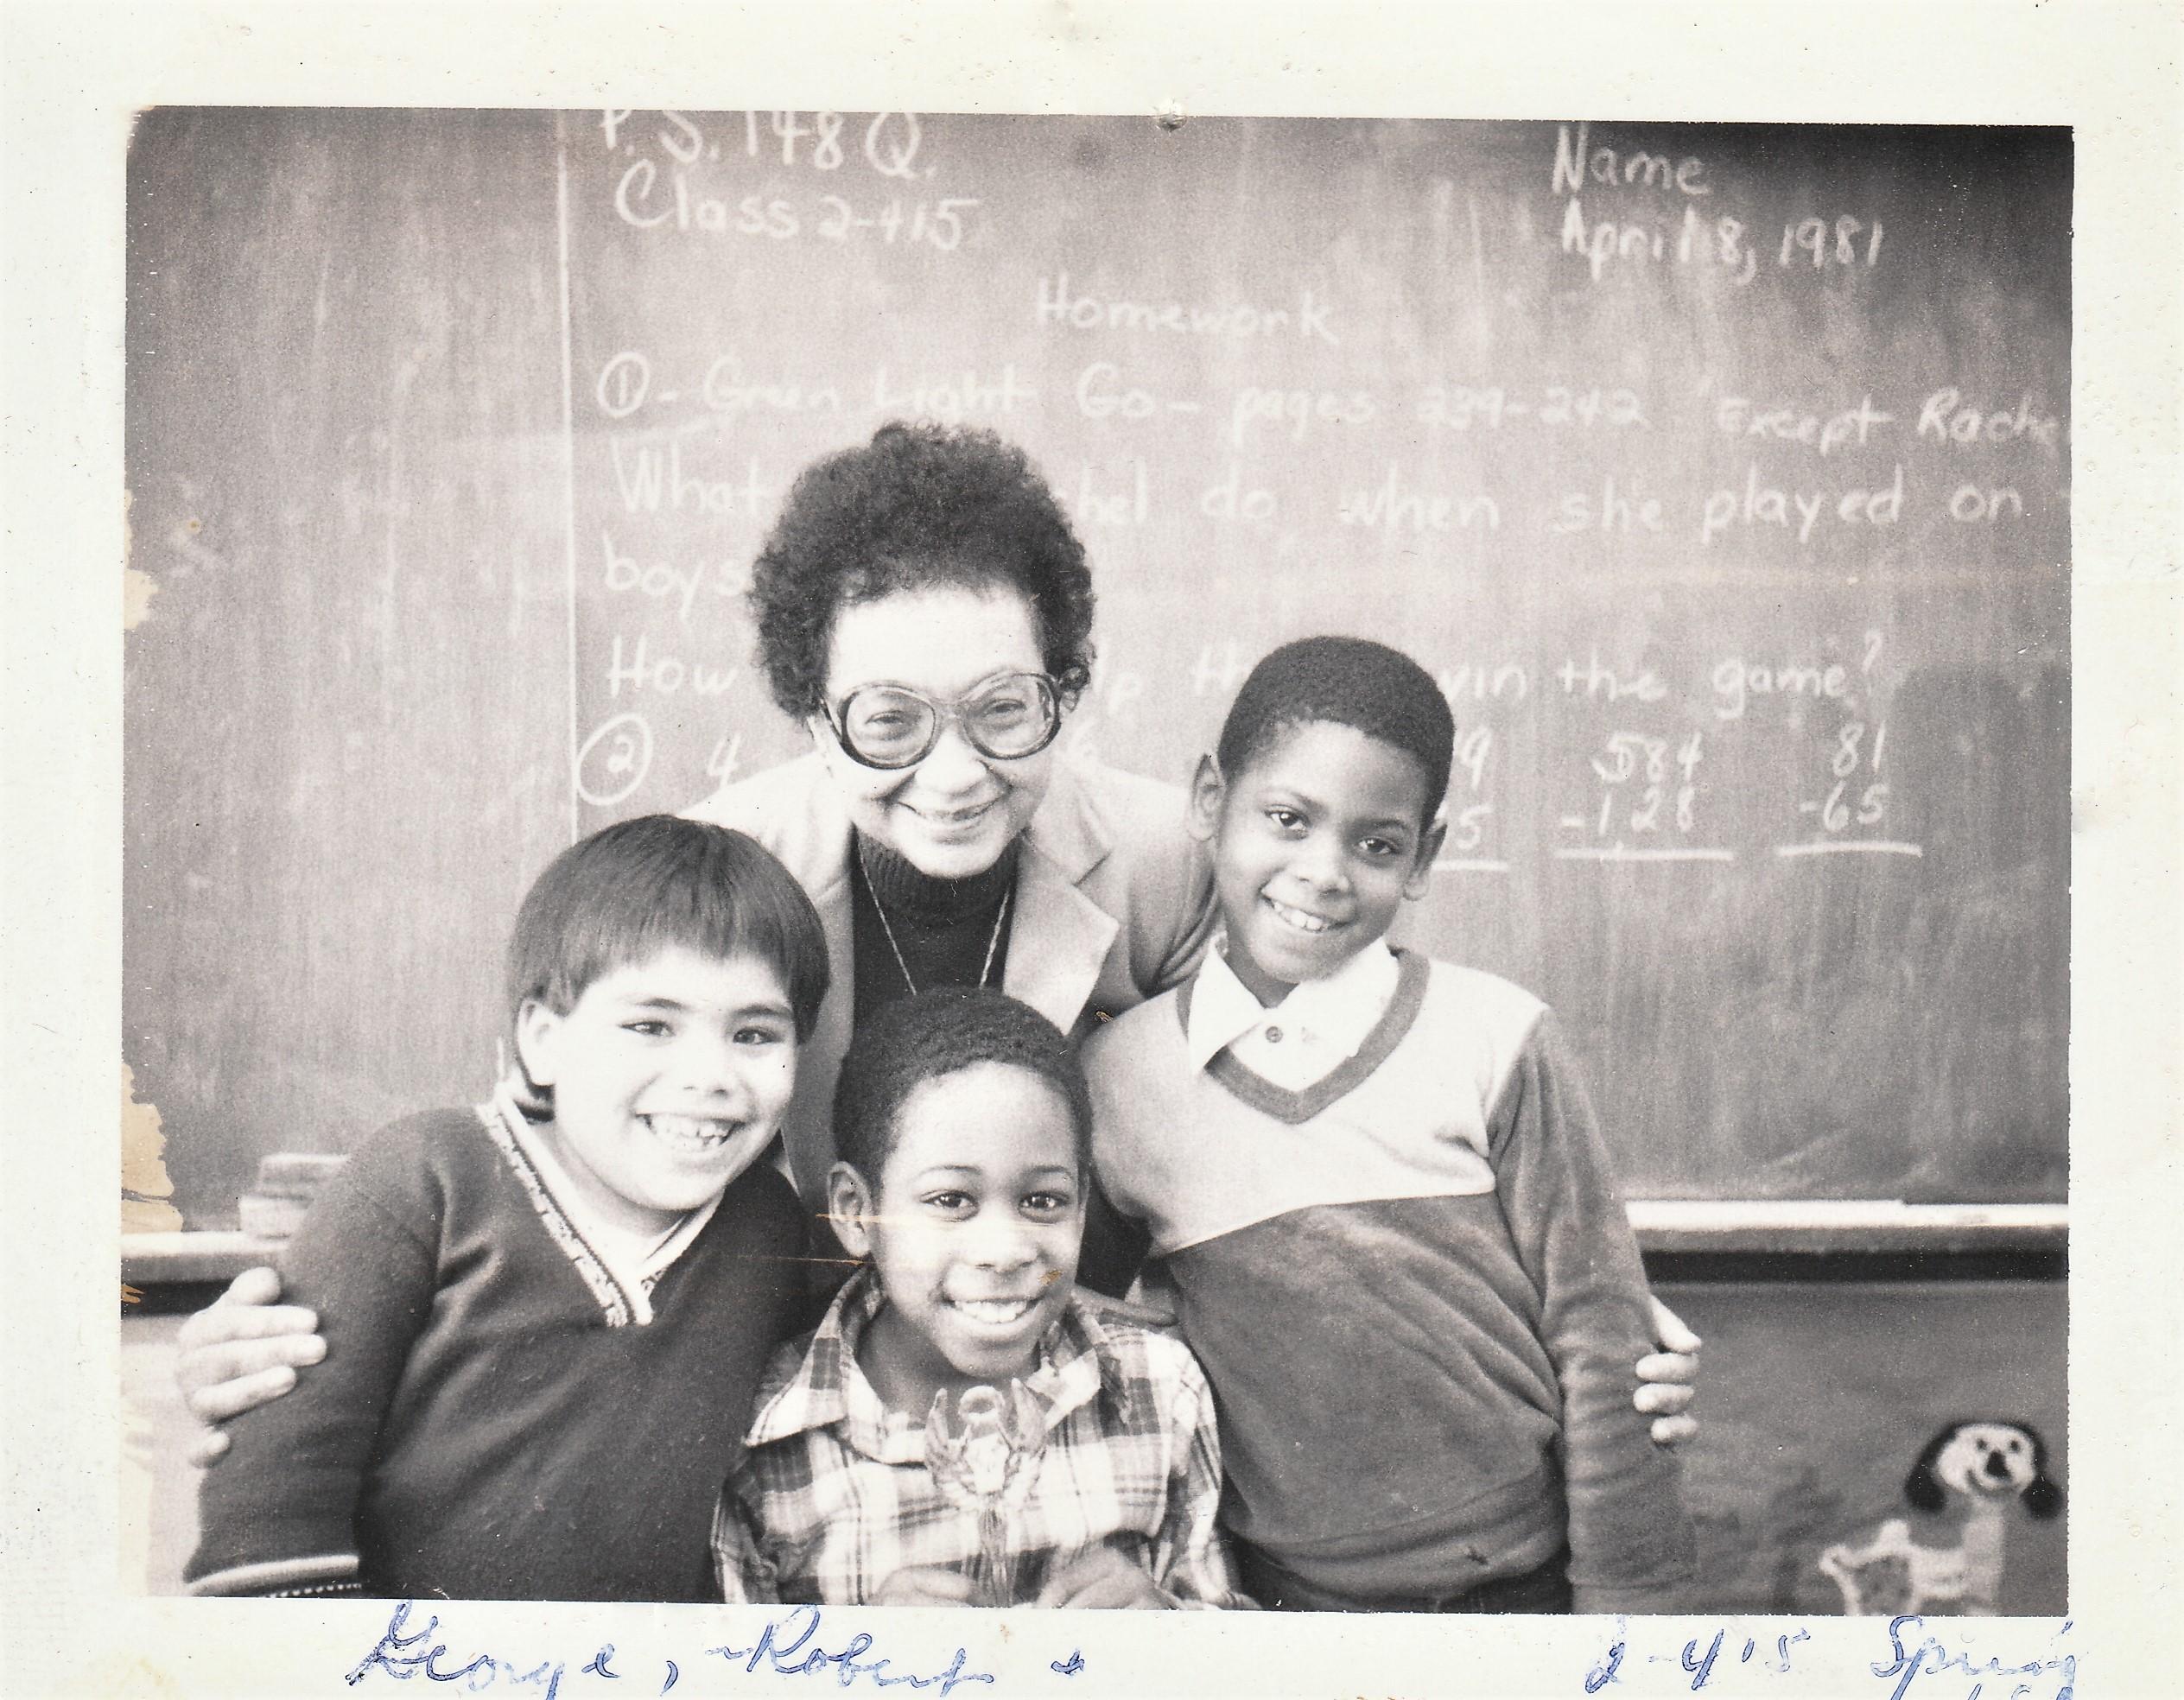 1981 - Ruby G. Allen